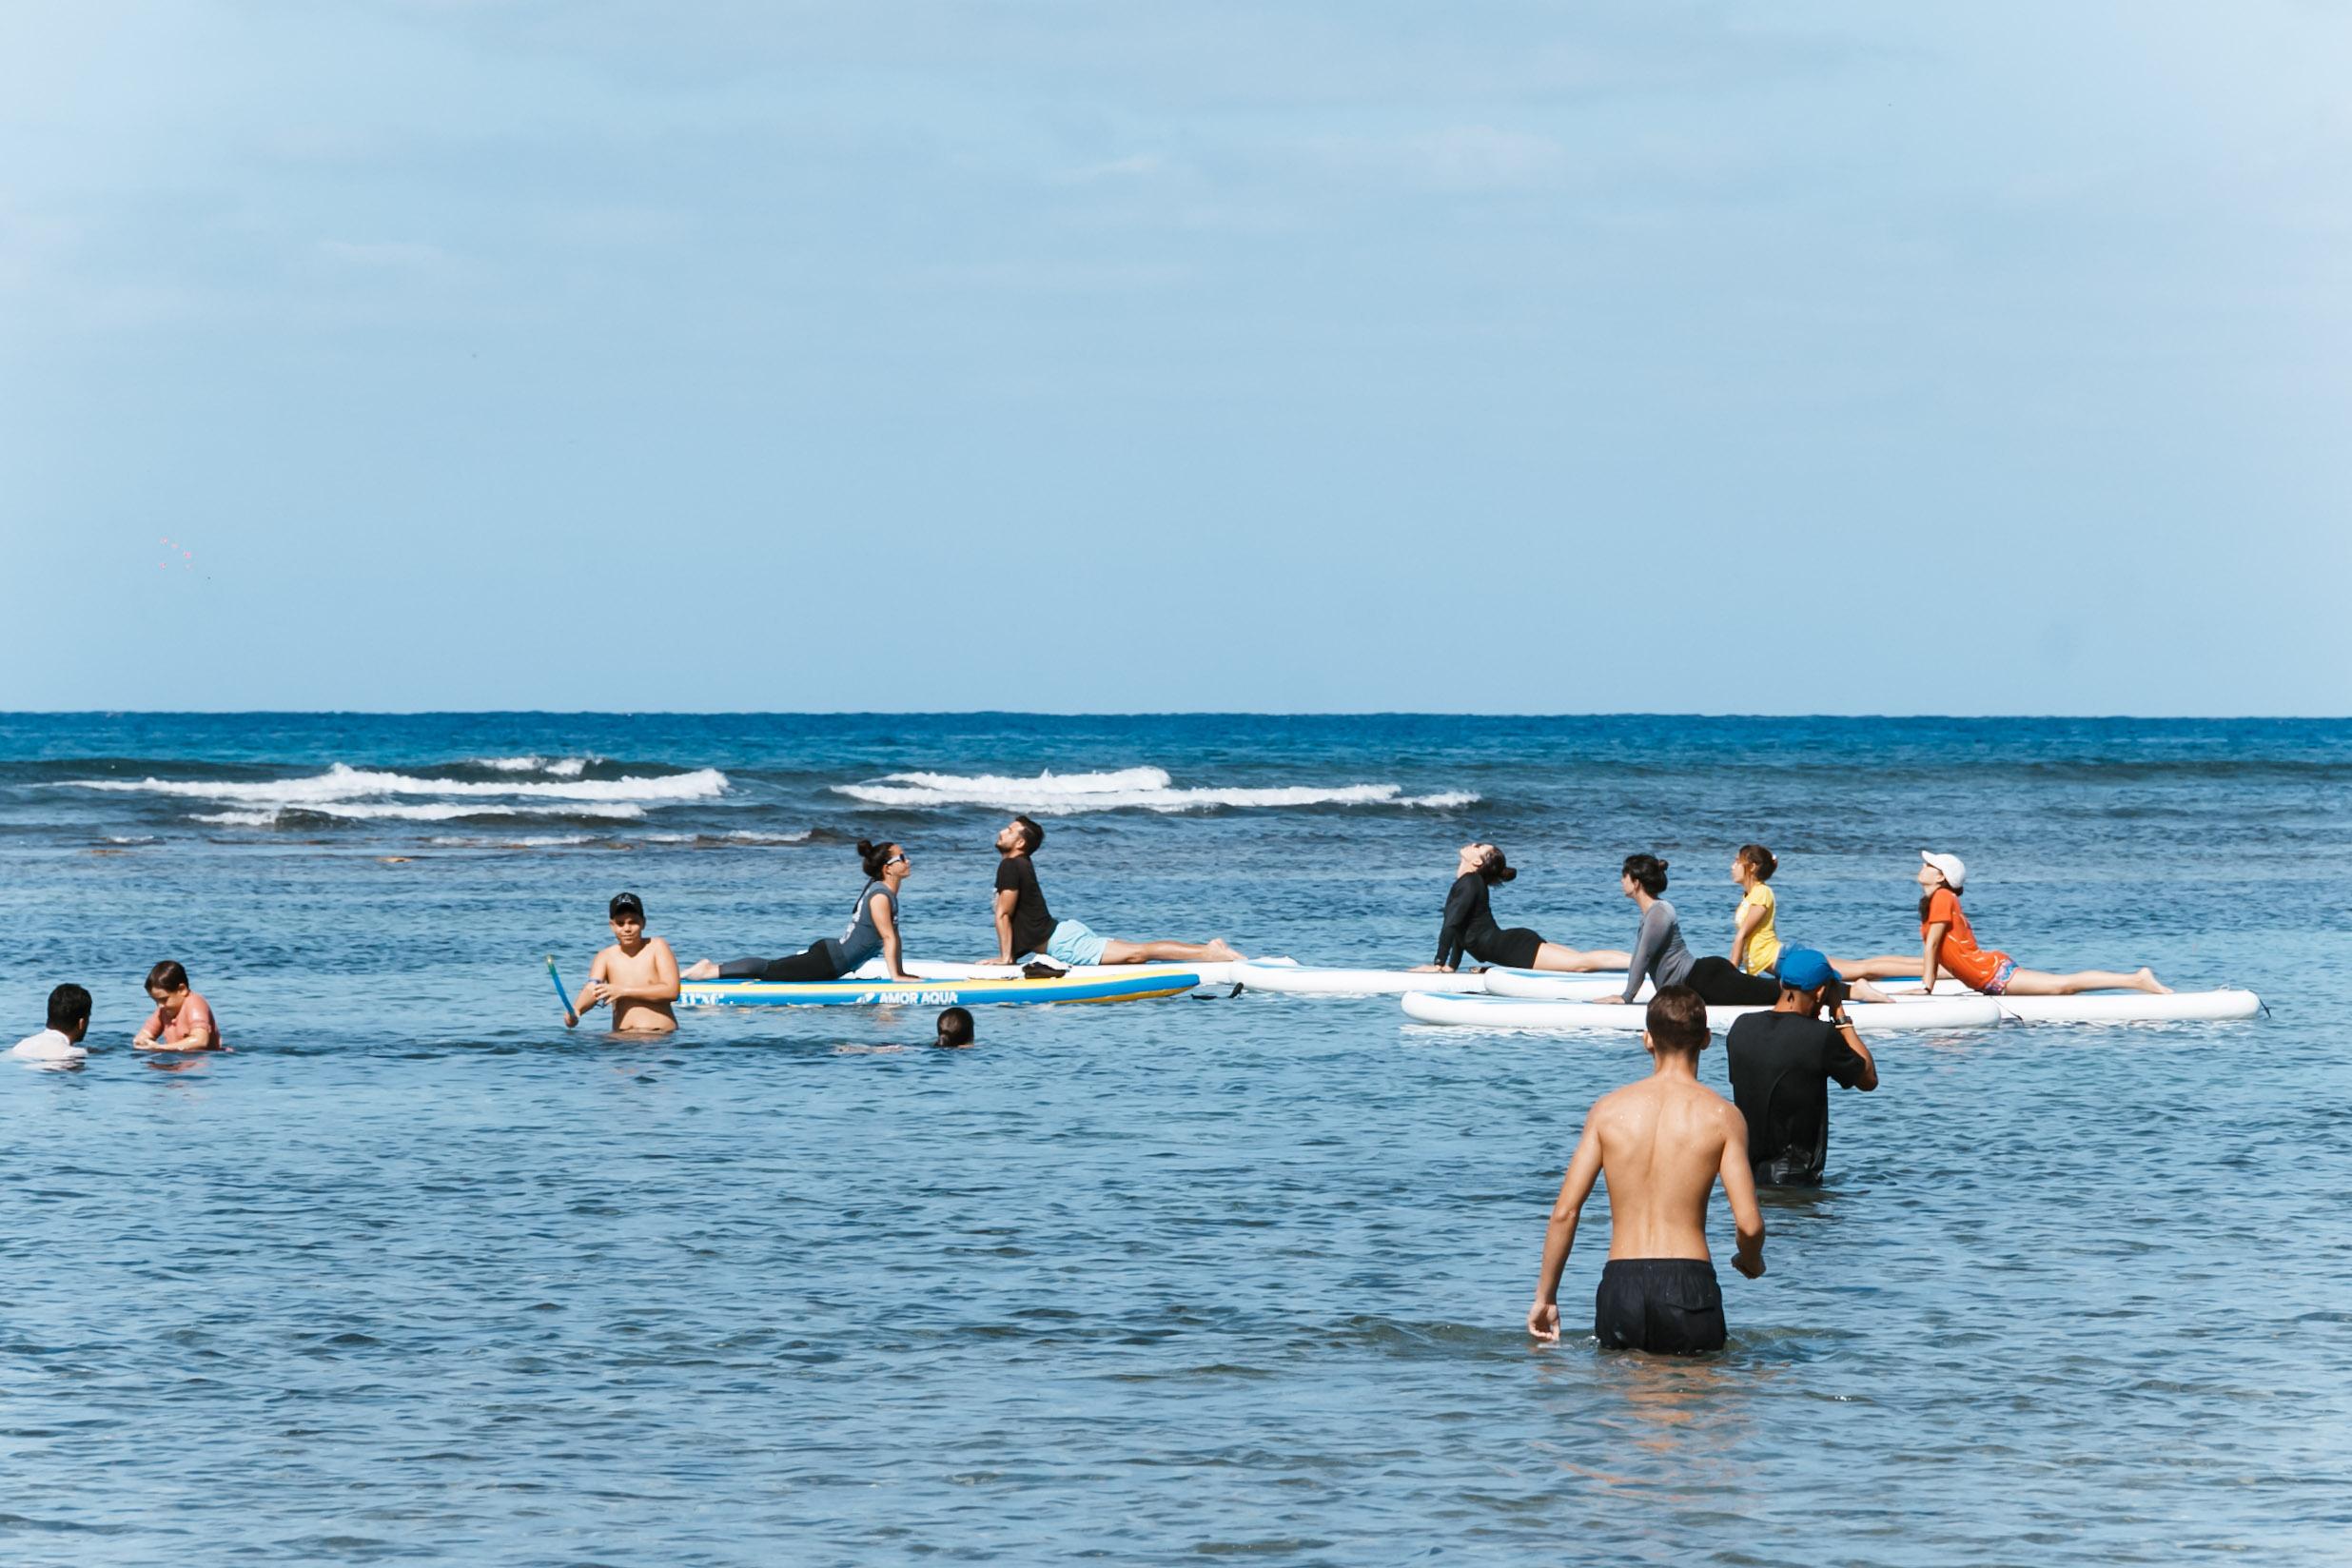 Freiwillige beim Yoga auf dem Board nach einem Beach Cleaning in Havanna